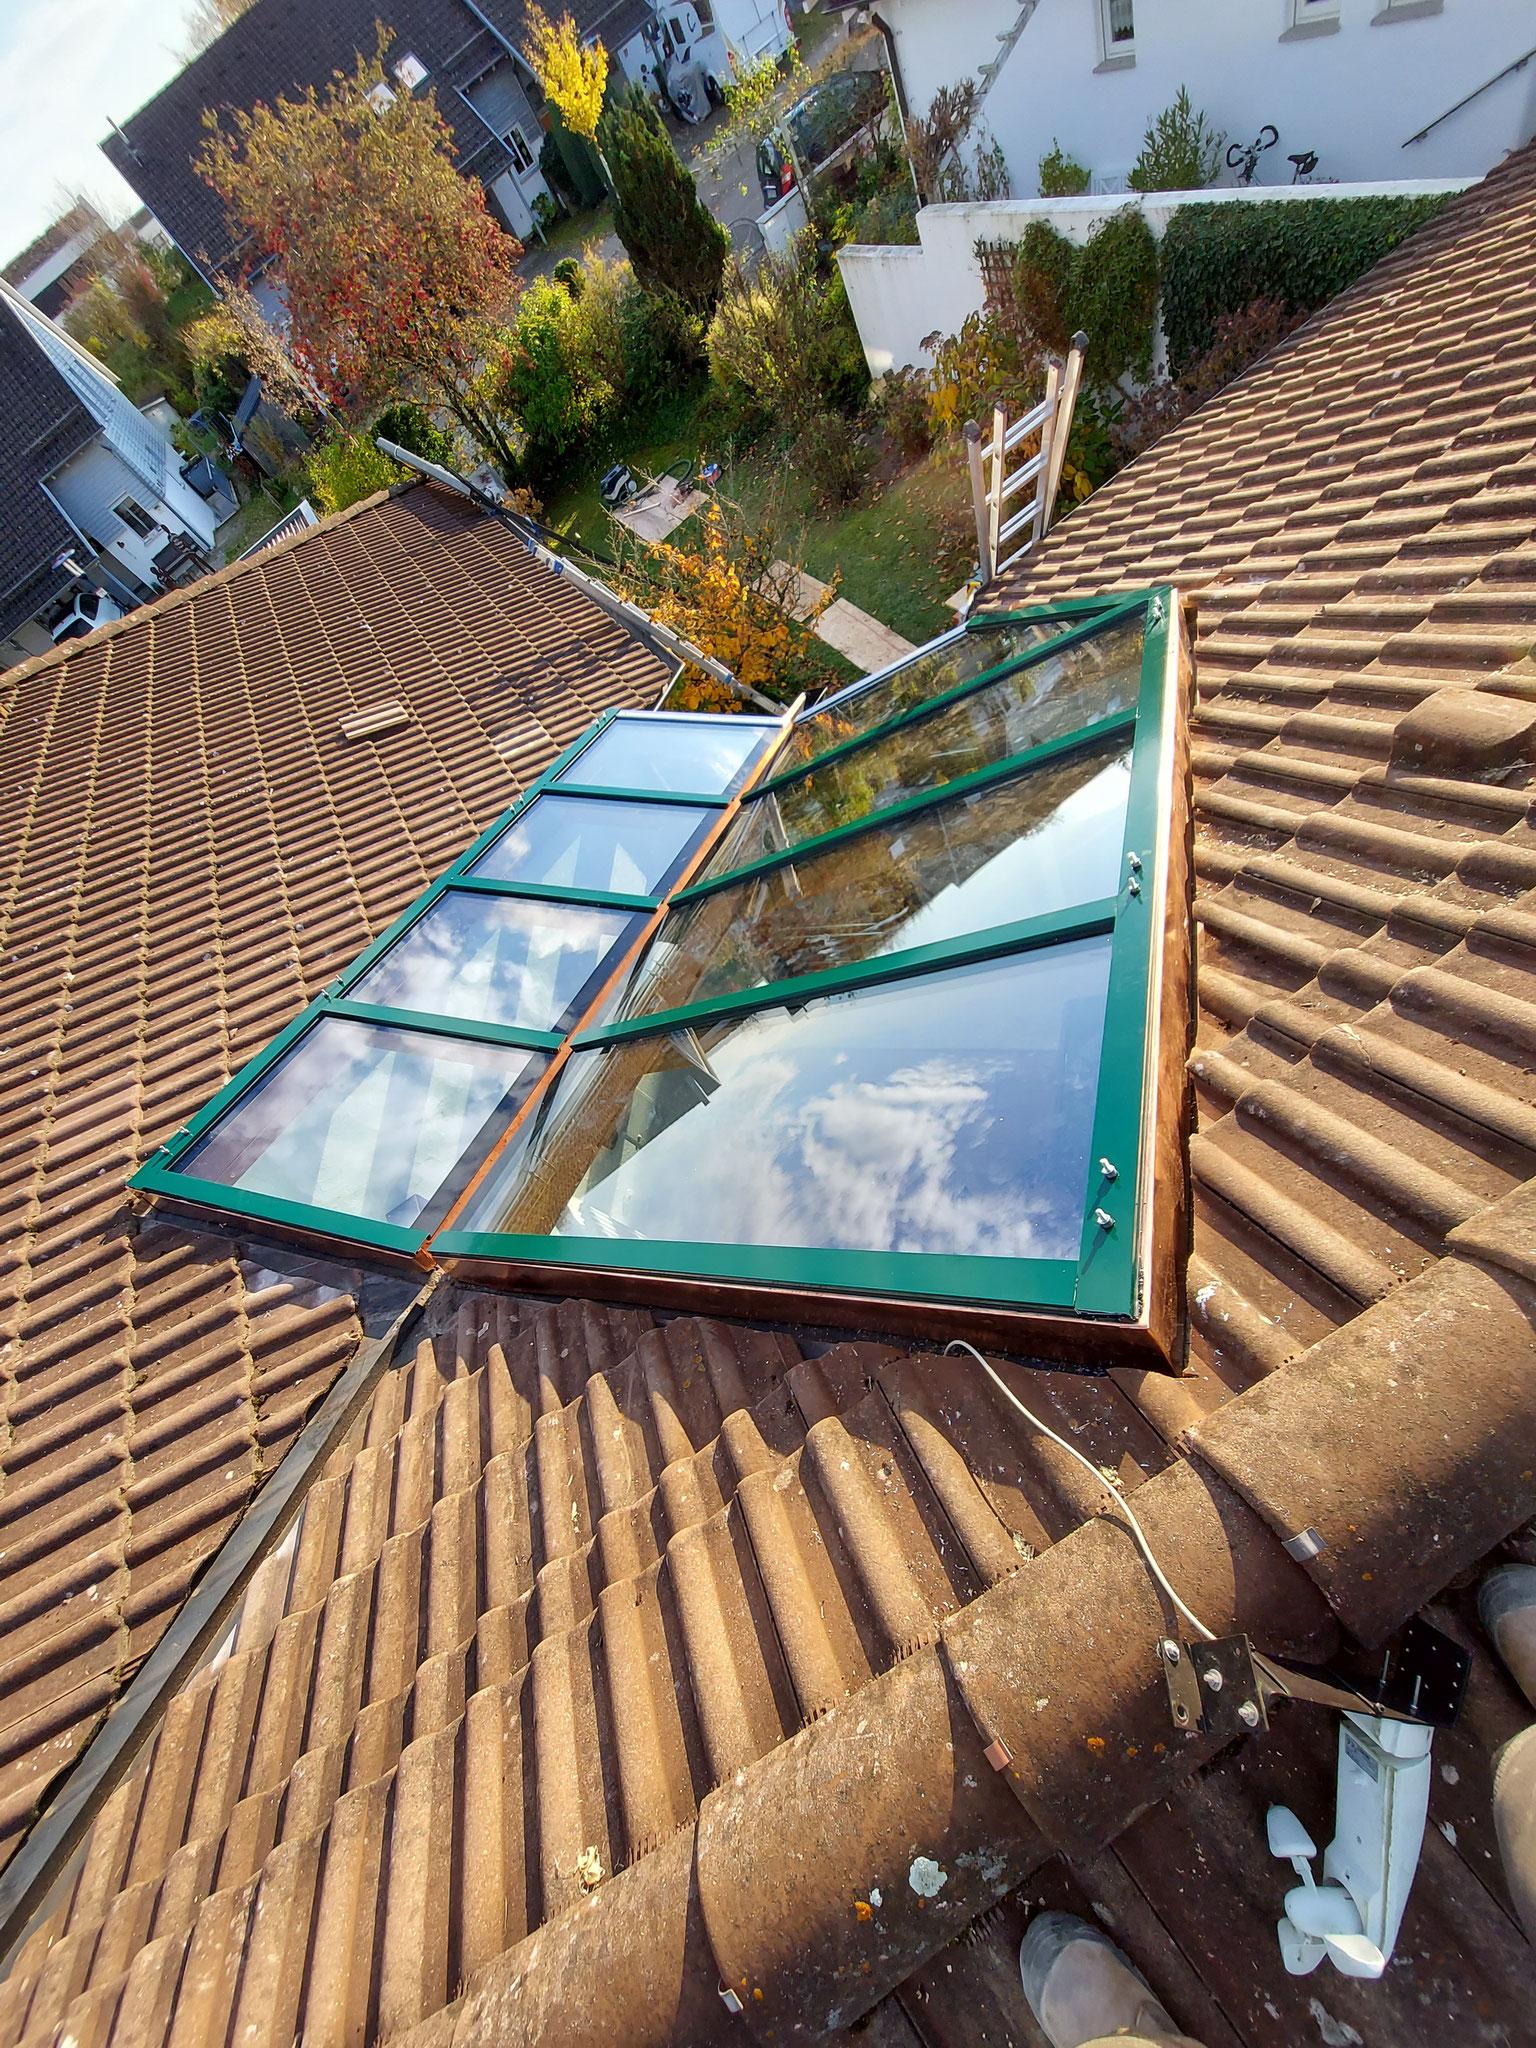 Glasdach fertig miontiert mit den passenden Bolzen für den Sonnenschutz